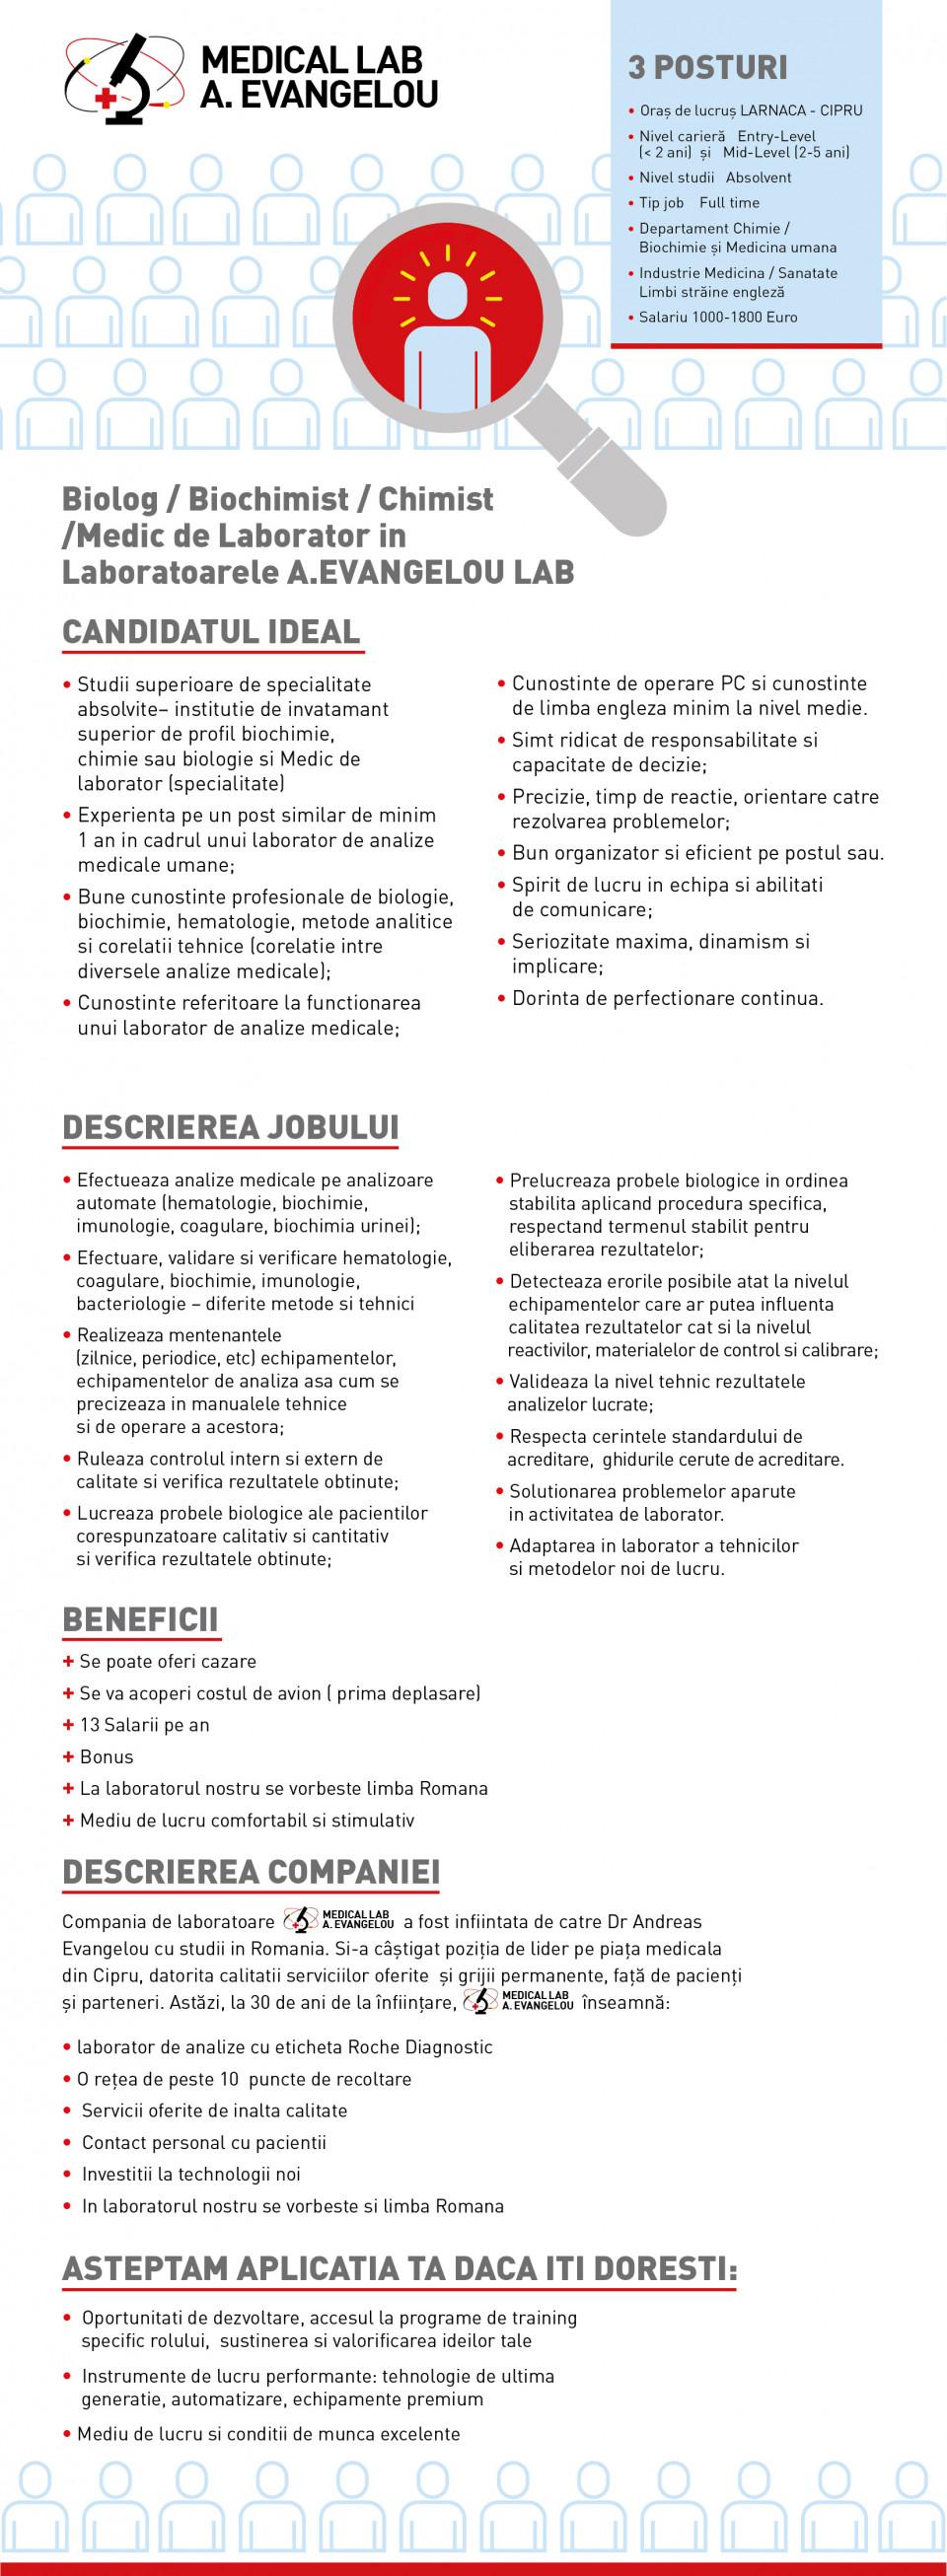 Biolog/biochimist/chimist/medic de laborator  A.EVANGELOU BIODIAGNOSTIKI LTD este un laborator de analize medicale care se afla in Larnaca - Cipru. Laborator cu o istorie de 30 de anii oferind servicii in toate domenii cum sint : Haematologie- Microbiologie - Biochimie - Immunologie - Hormoni - Neurologie - Allergologie . Laborator de technologie inalta la care se foloseste aparatura de ultima ora.